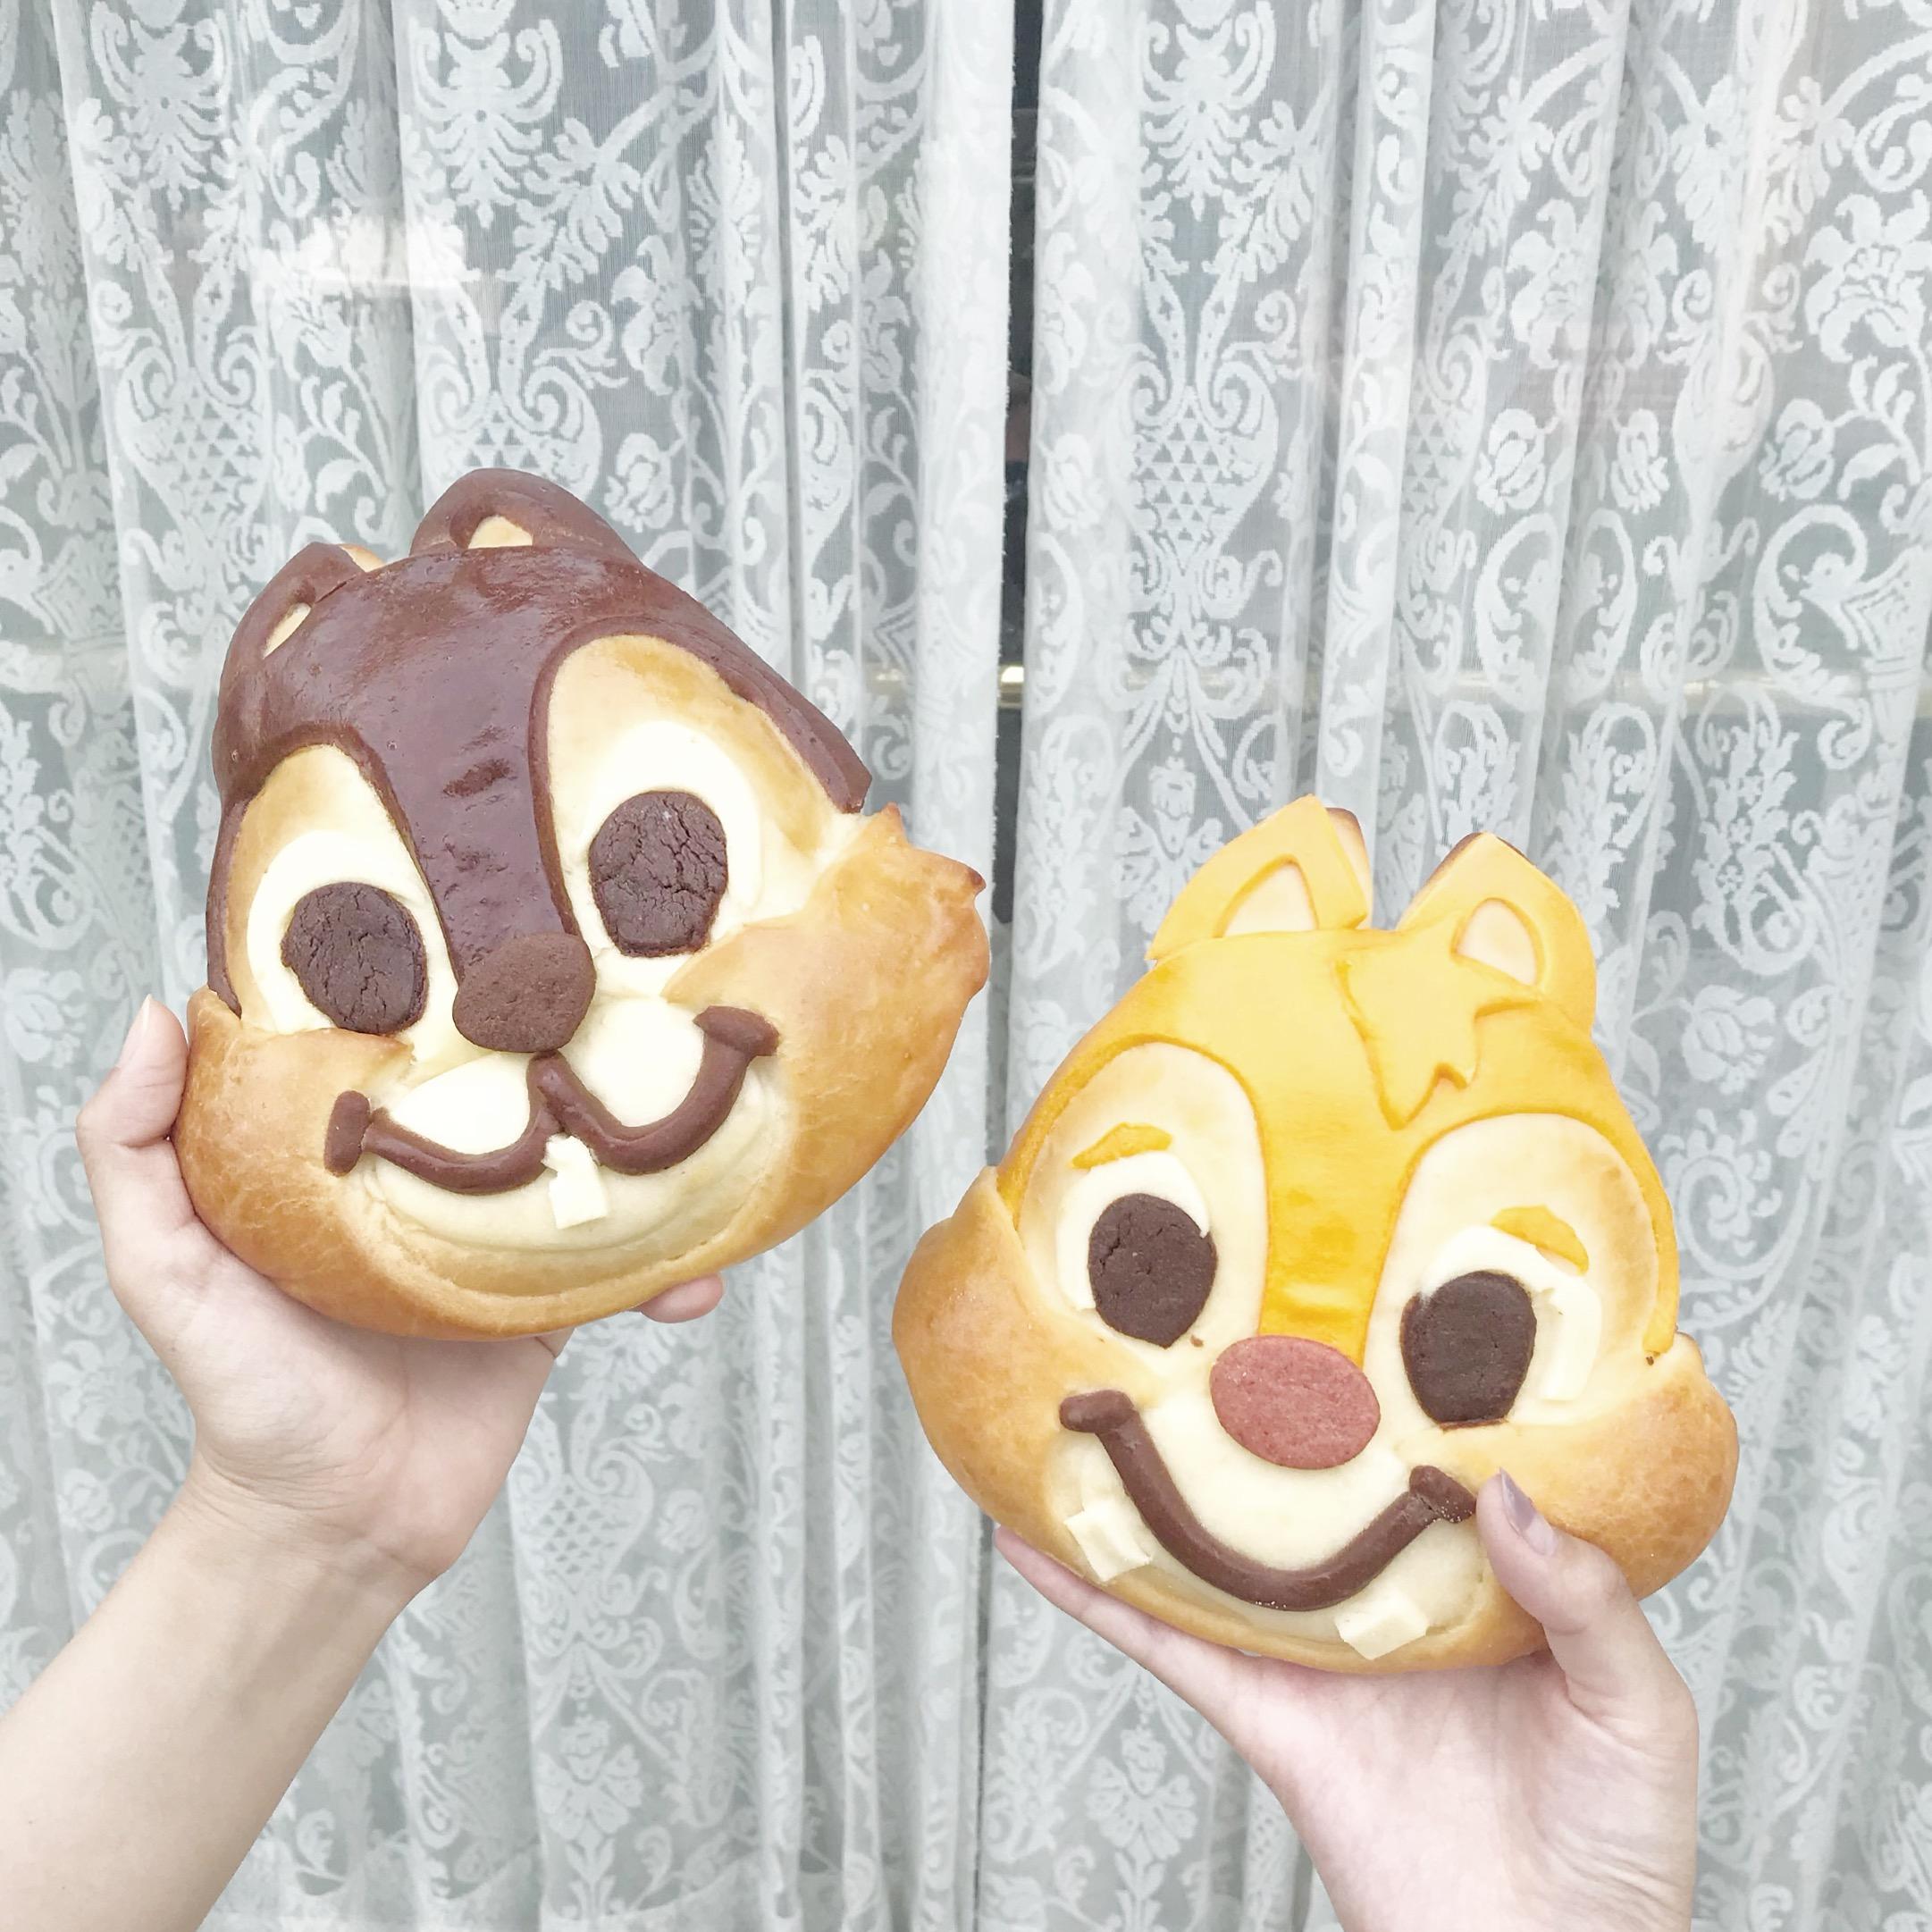 【チップとデールパン】こんなに可愛いパンが買えちゃう!チックタック・ダイナーって?_1